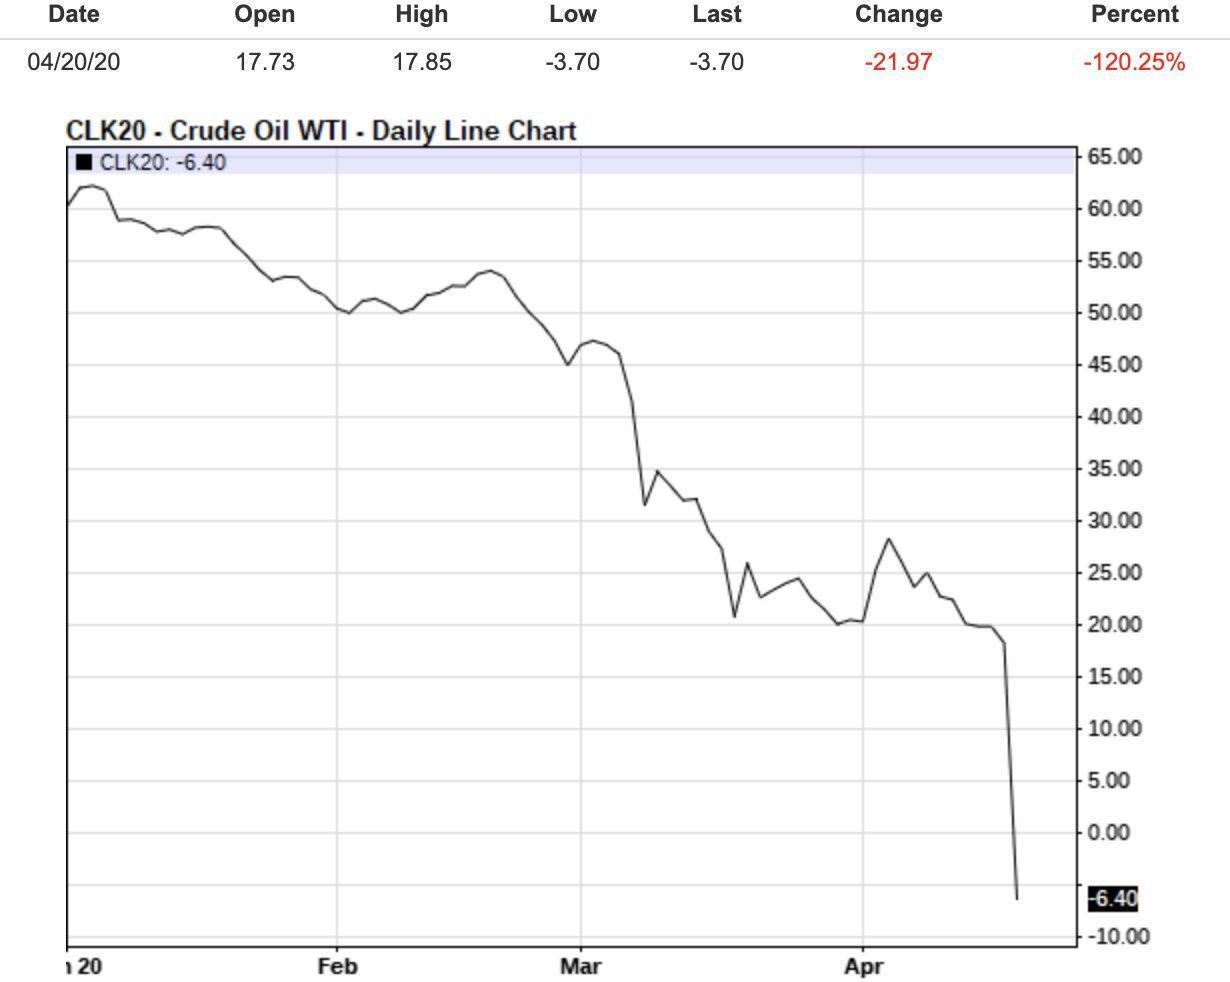 Цена ушла в минус: нефть WTI впервые торгуется по отрицательной стоимости